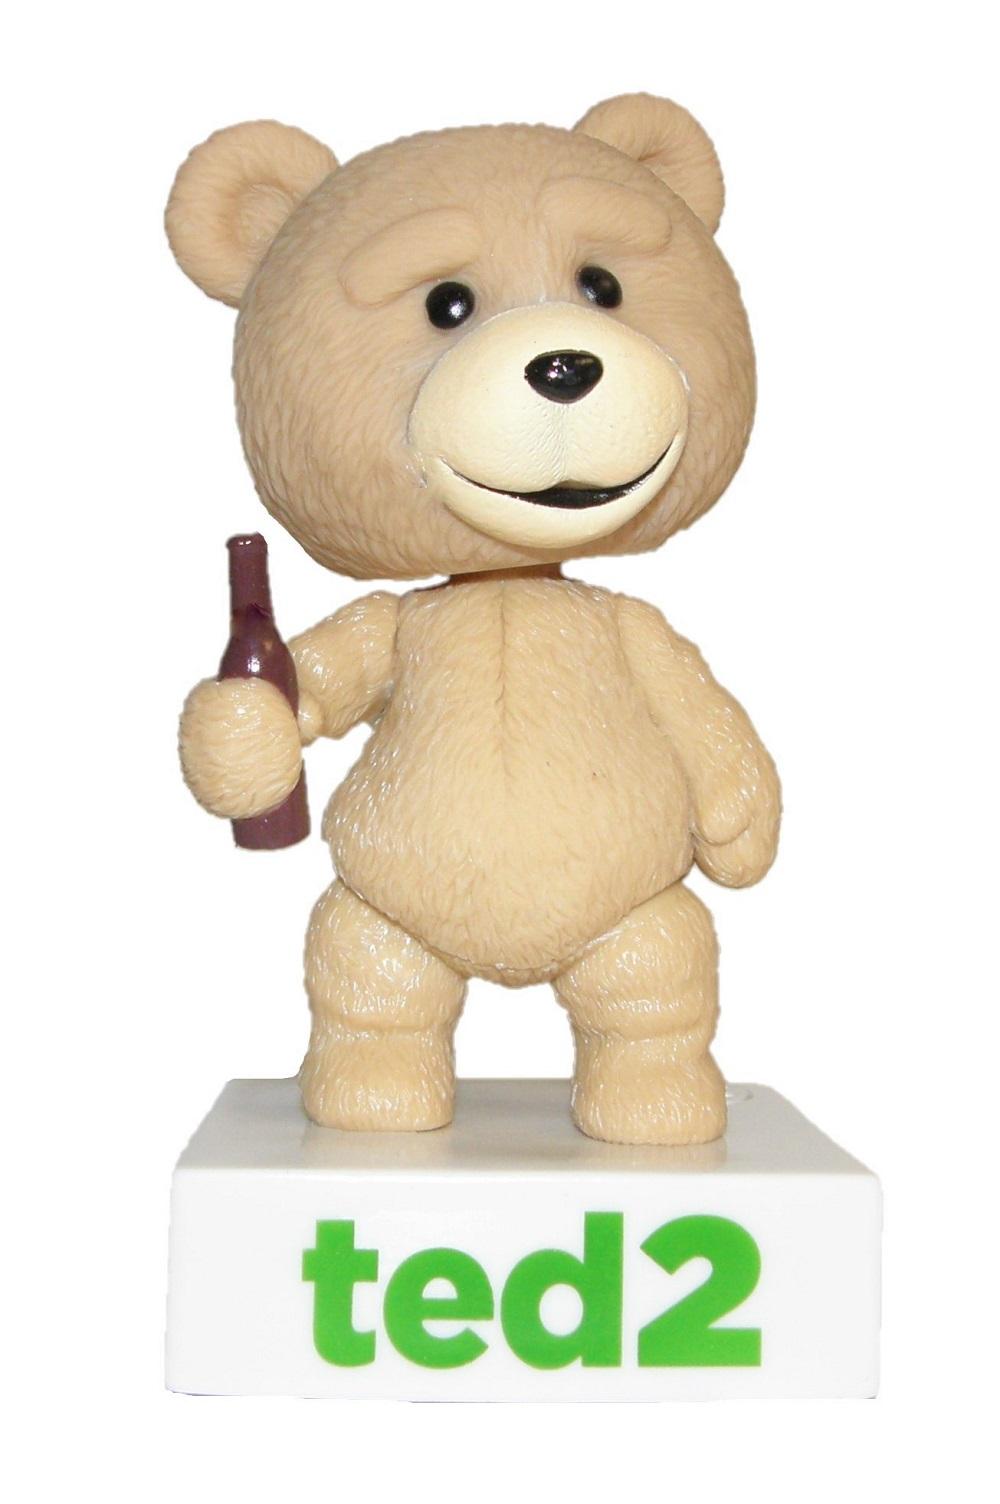 Ted 2 Ted sprechende Sammelfigur Bär mit Wackelkopf 6180